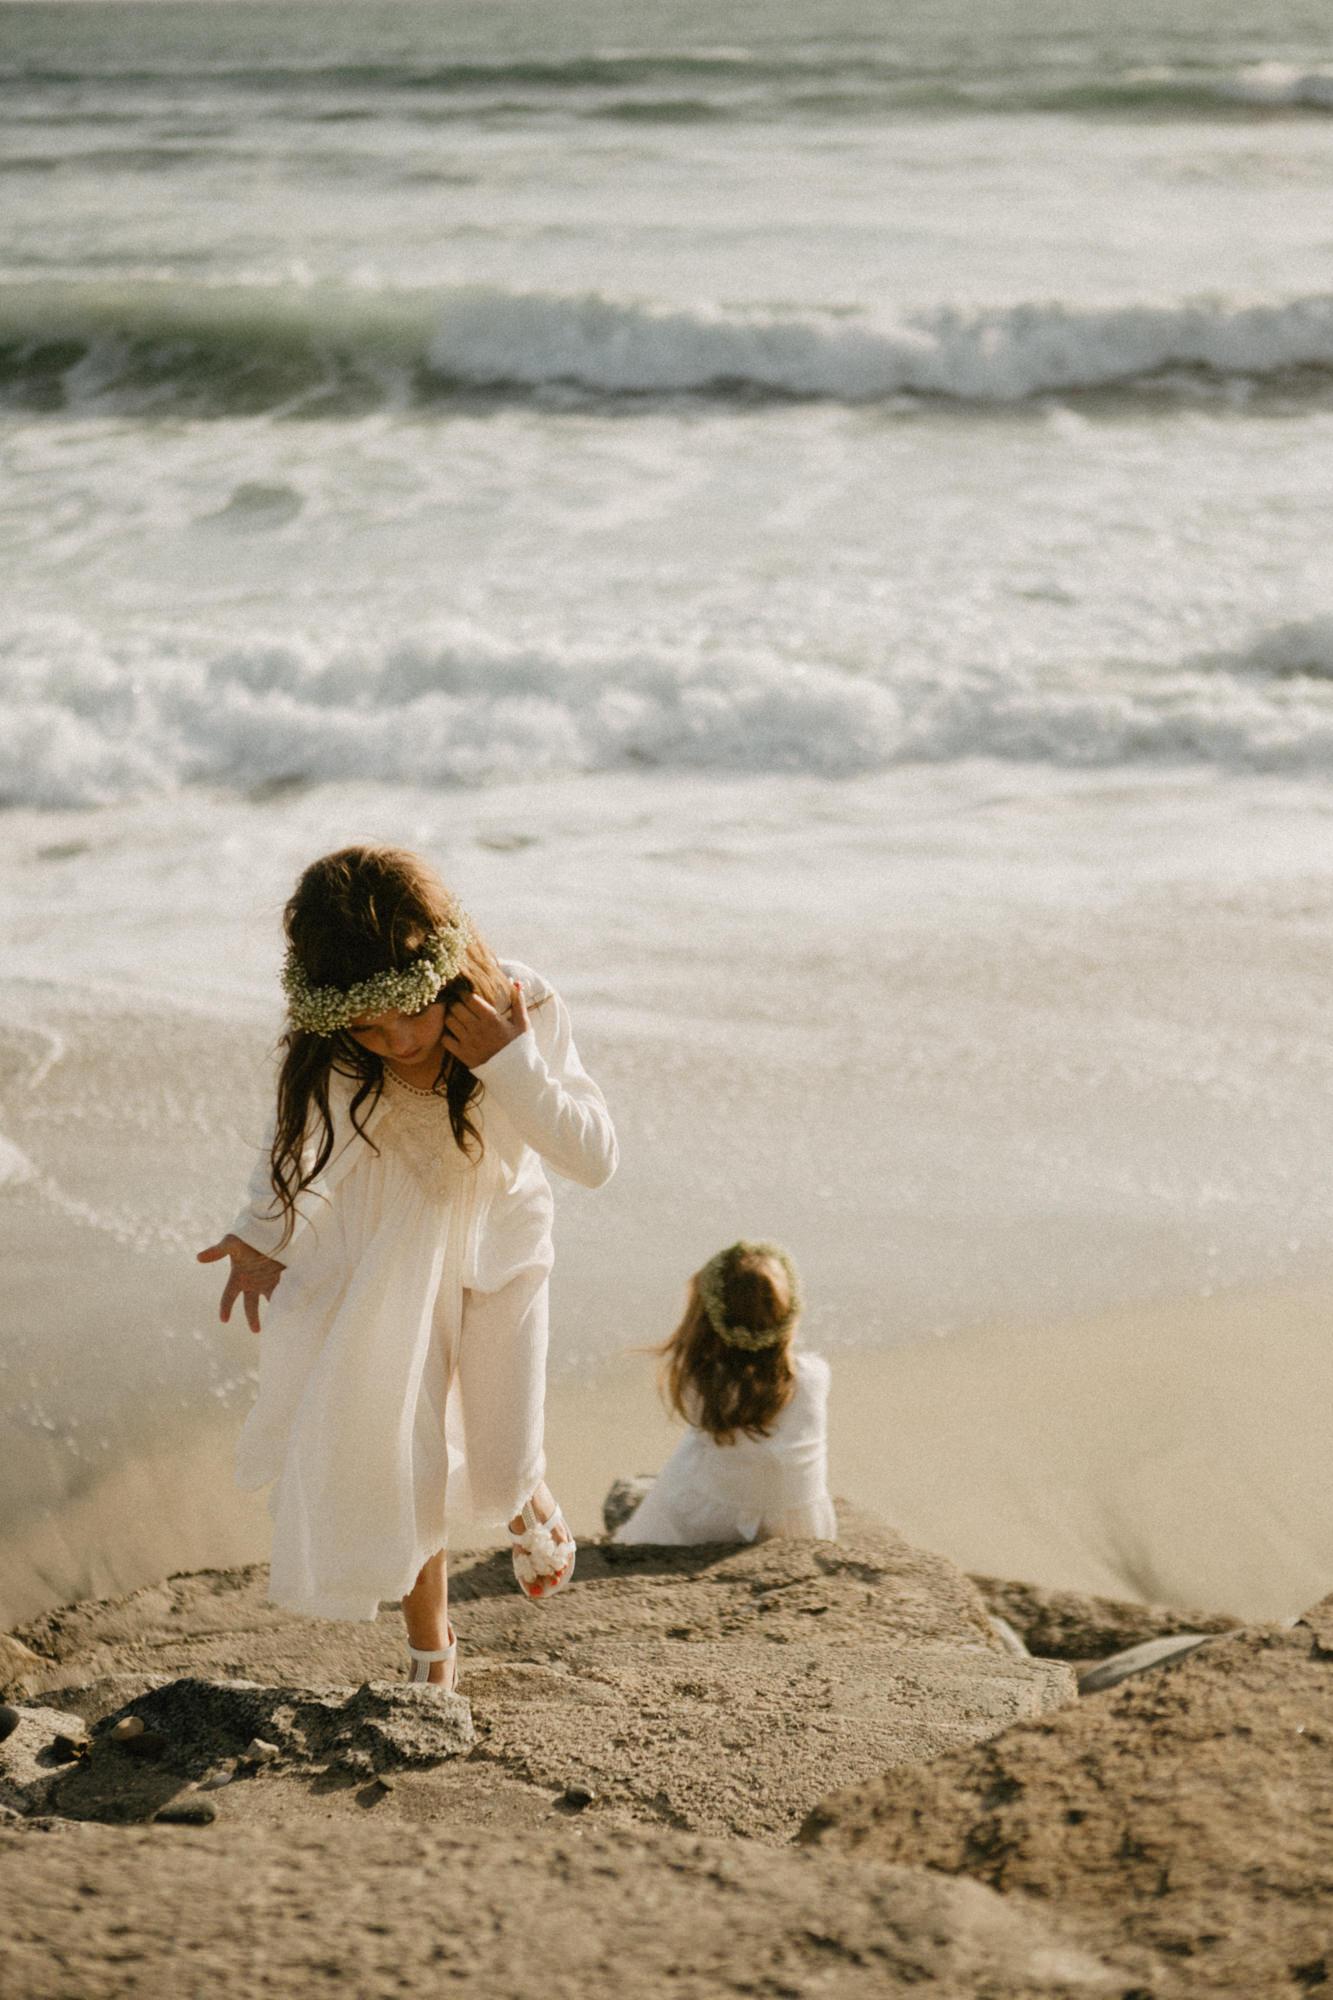 oceanside_airbnb_wedding-47.jpg